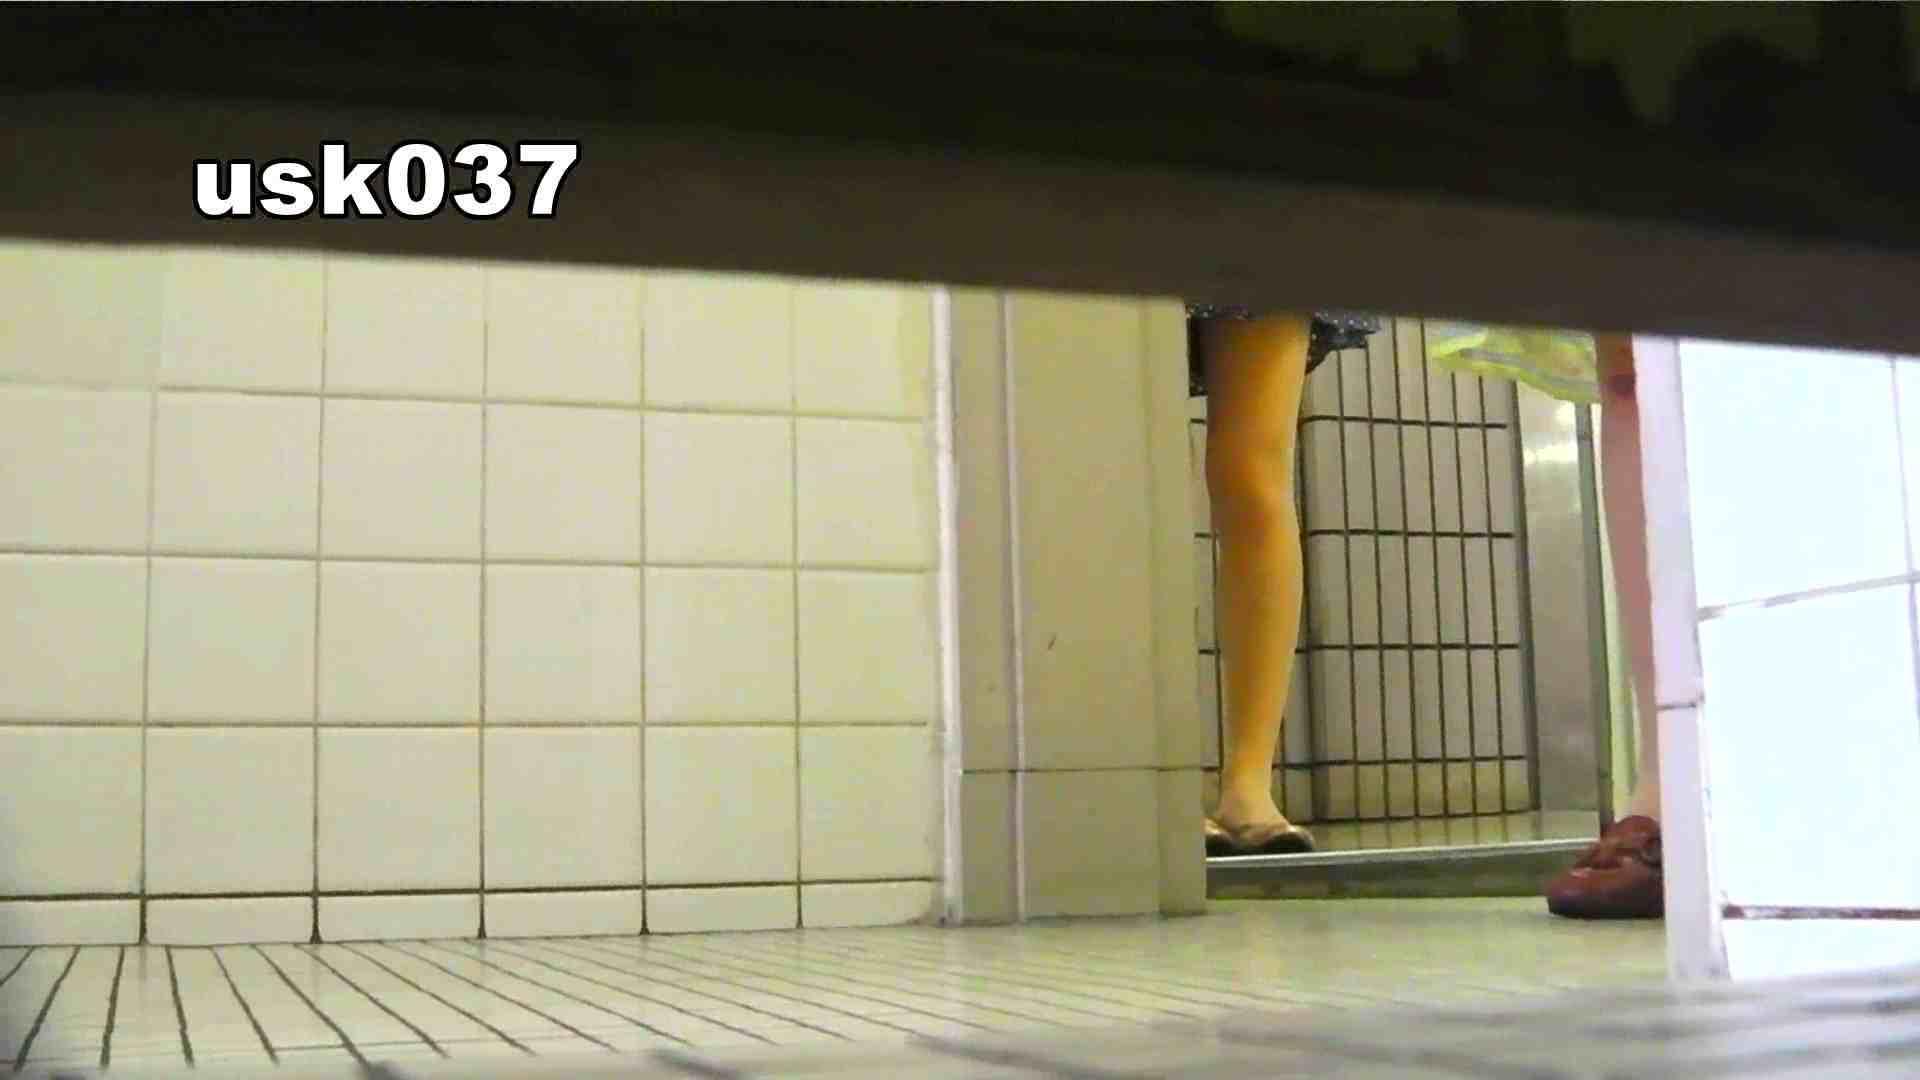 【美しき個室な世界】 vol.037 ひねり出す様子(フトイです) 洗面所  73PIX 65